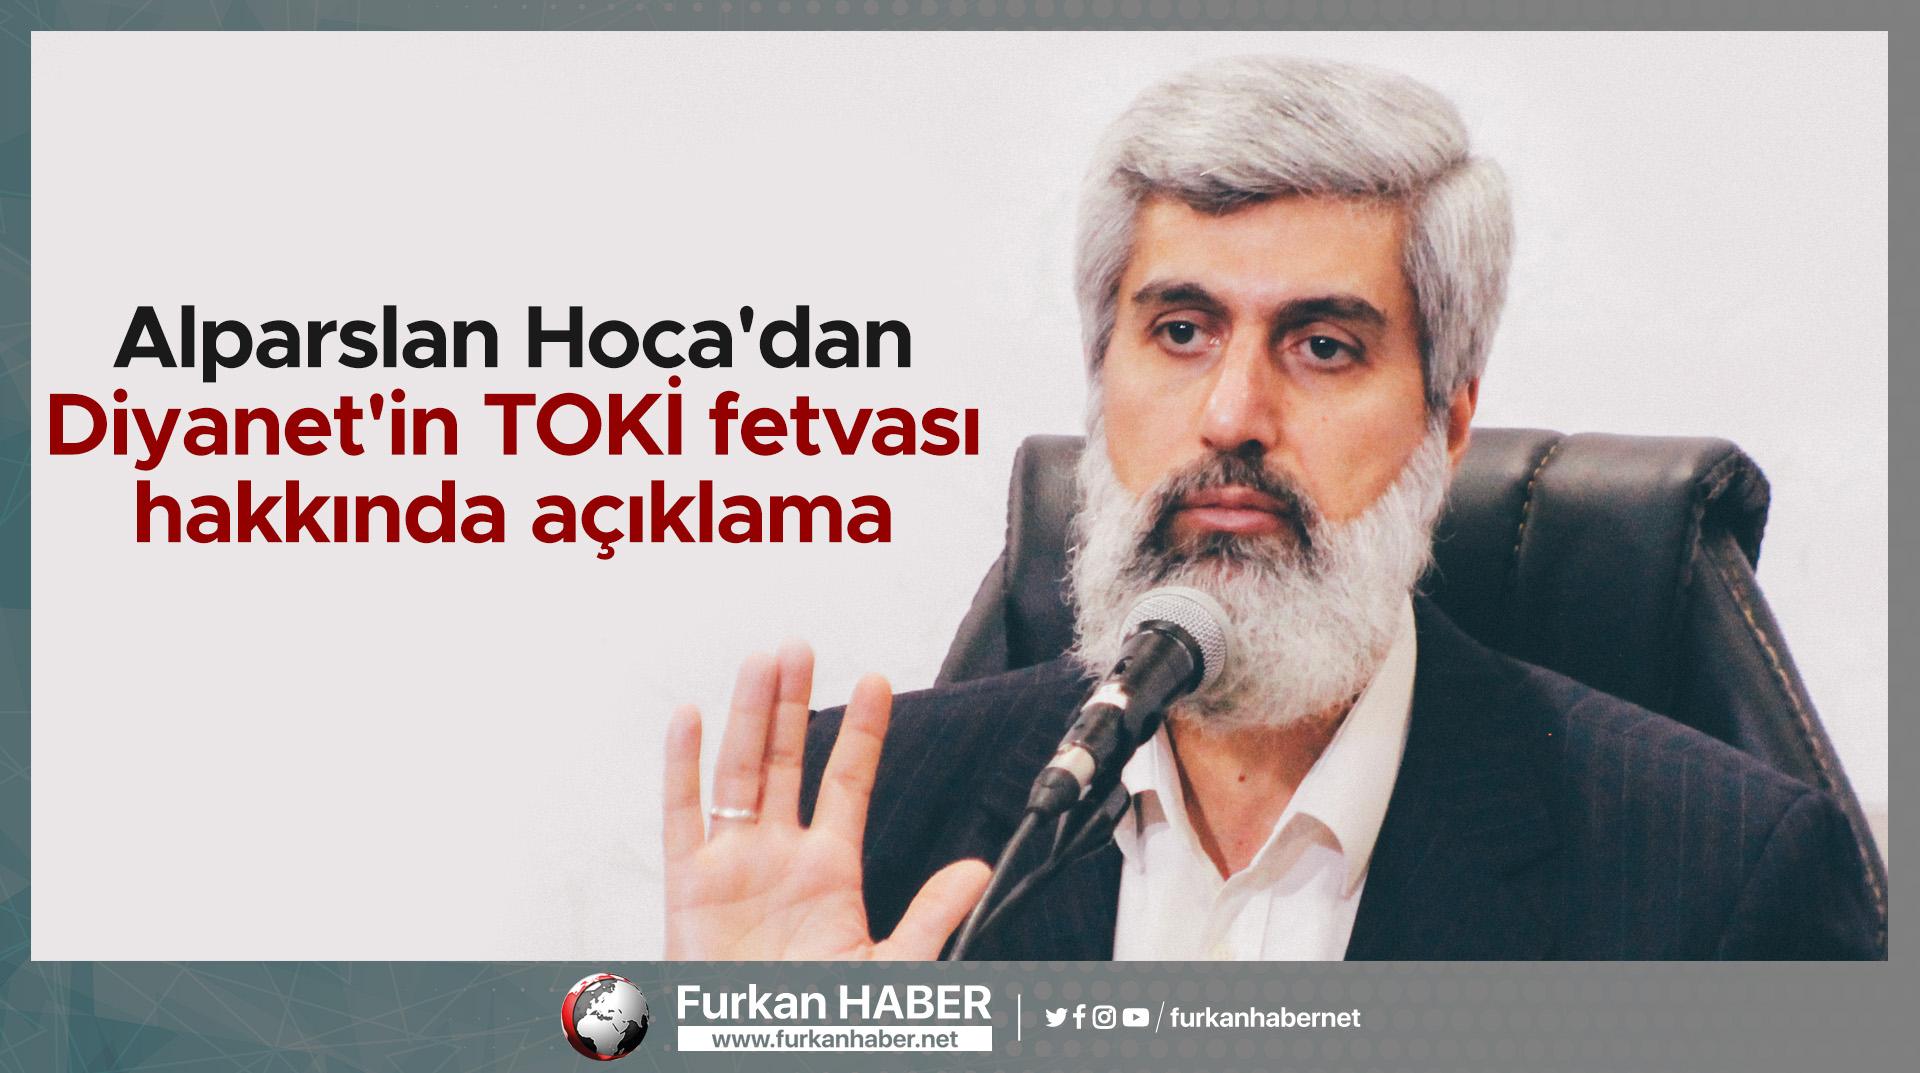 Alparslan Hoca'dan Diyanet'in TOKİ fetvası hakkında açıklama